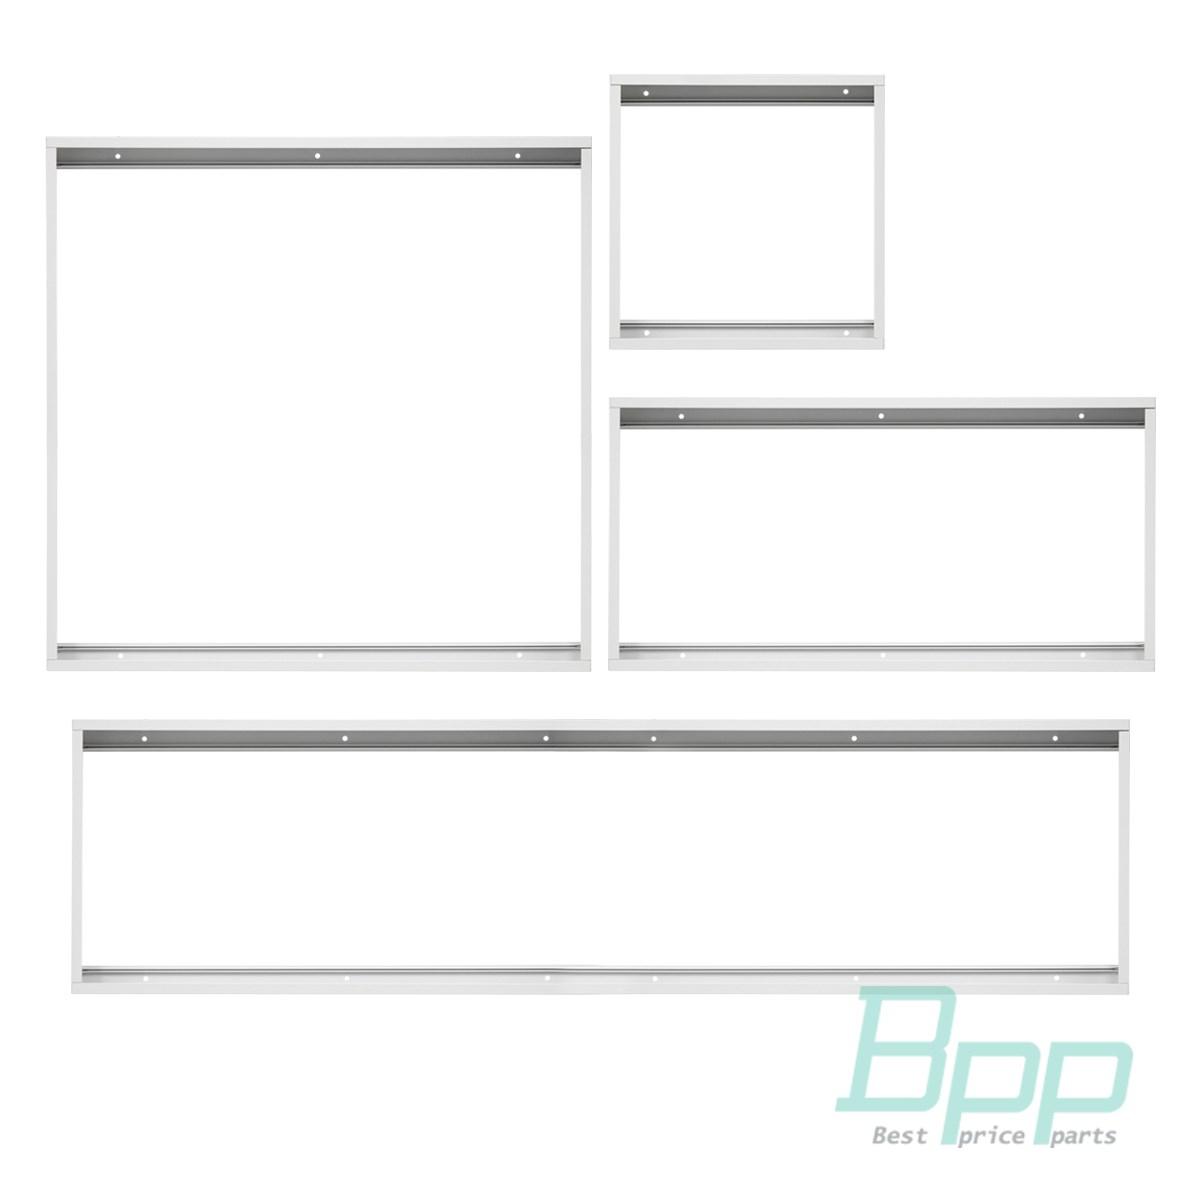 LED Panel Rahmen 30x30 60x30 60x60 120x30 cm Anbau Aufputz Aufbau Metall weiß